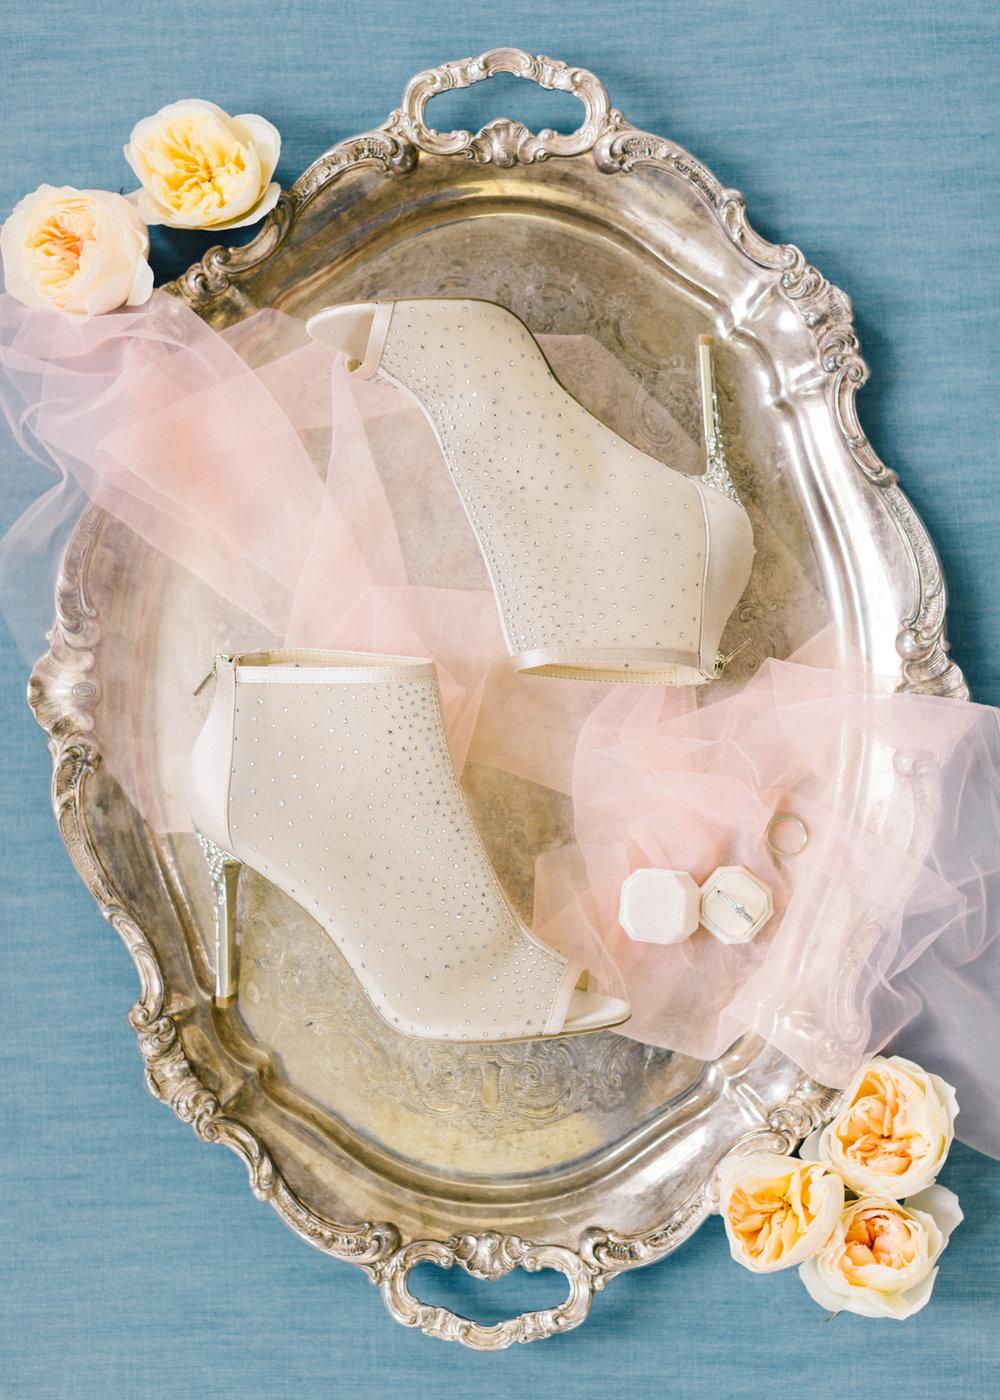 Aisle Society Davids Bridal The Mallorys (1).jpg